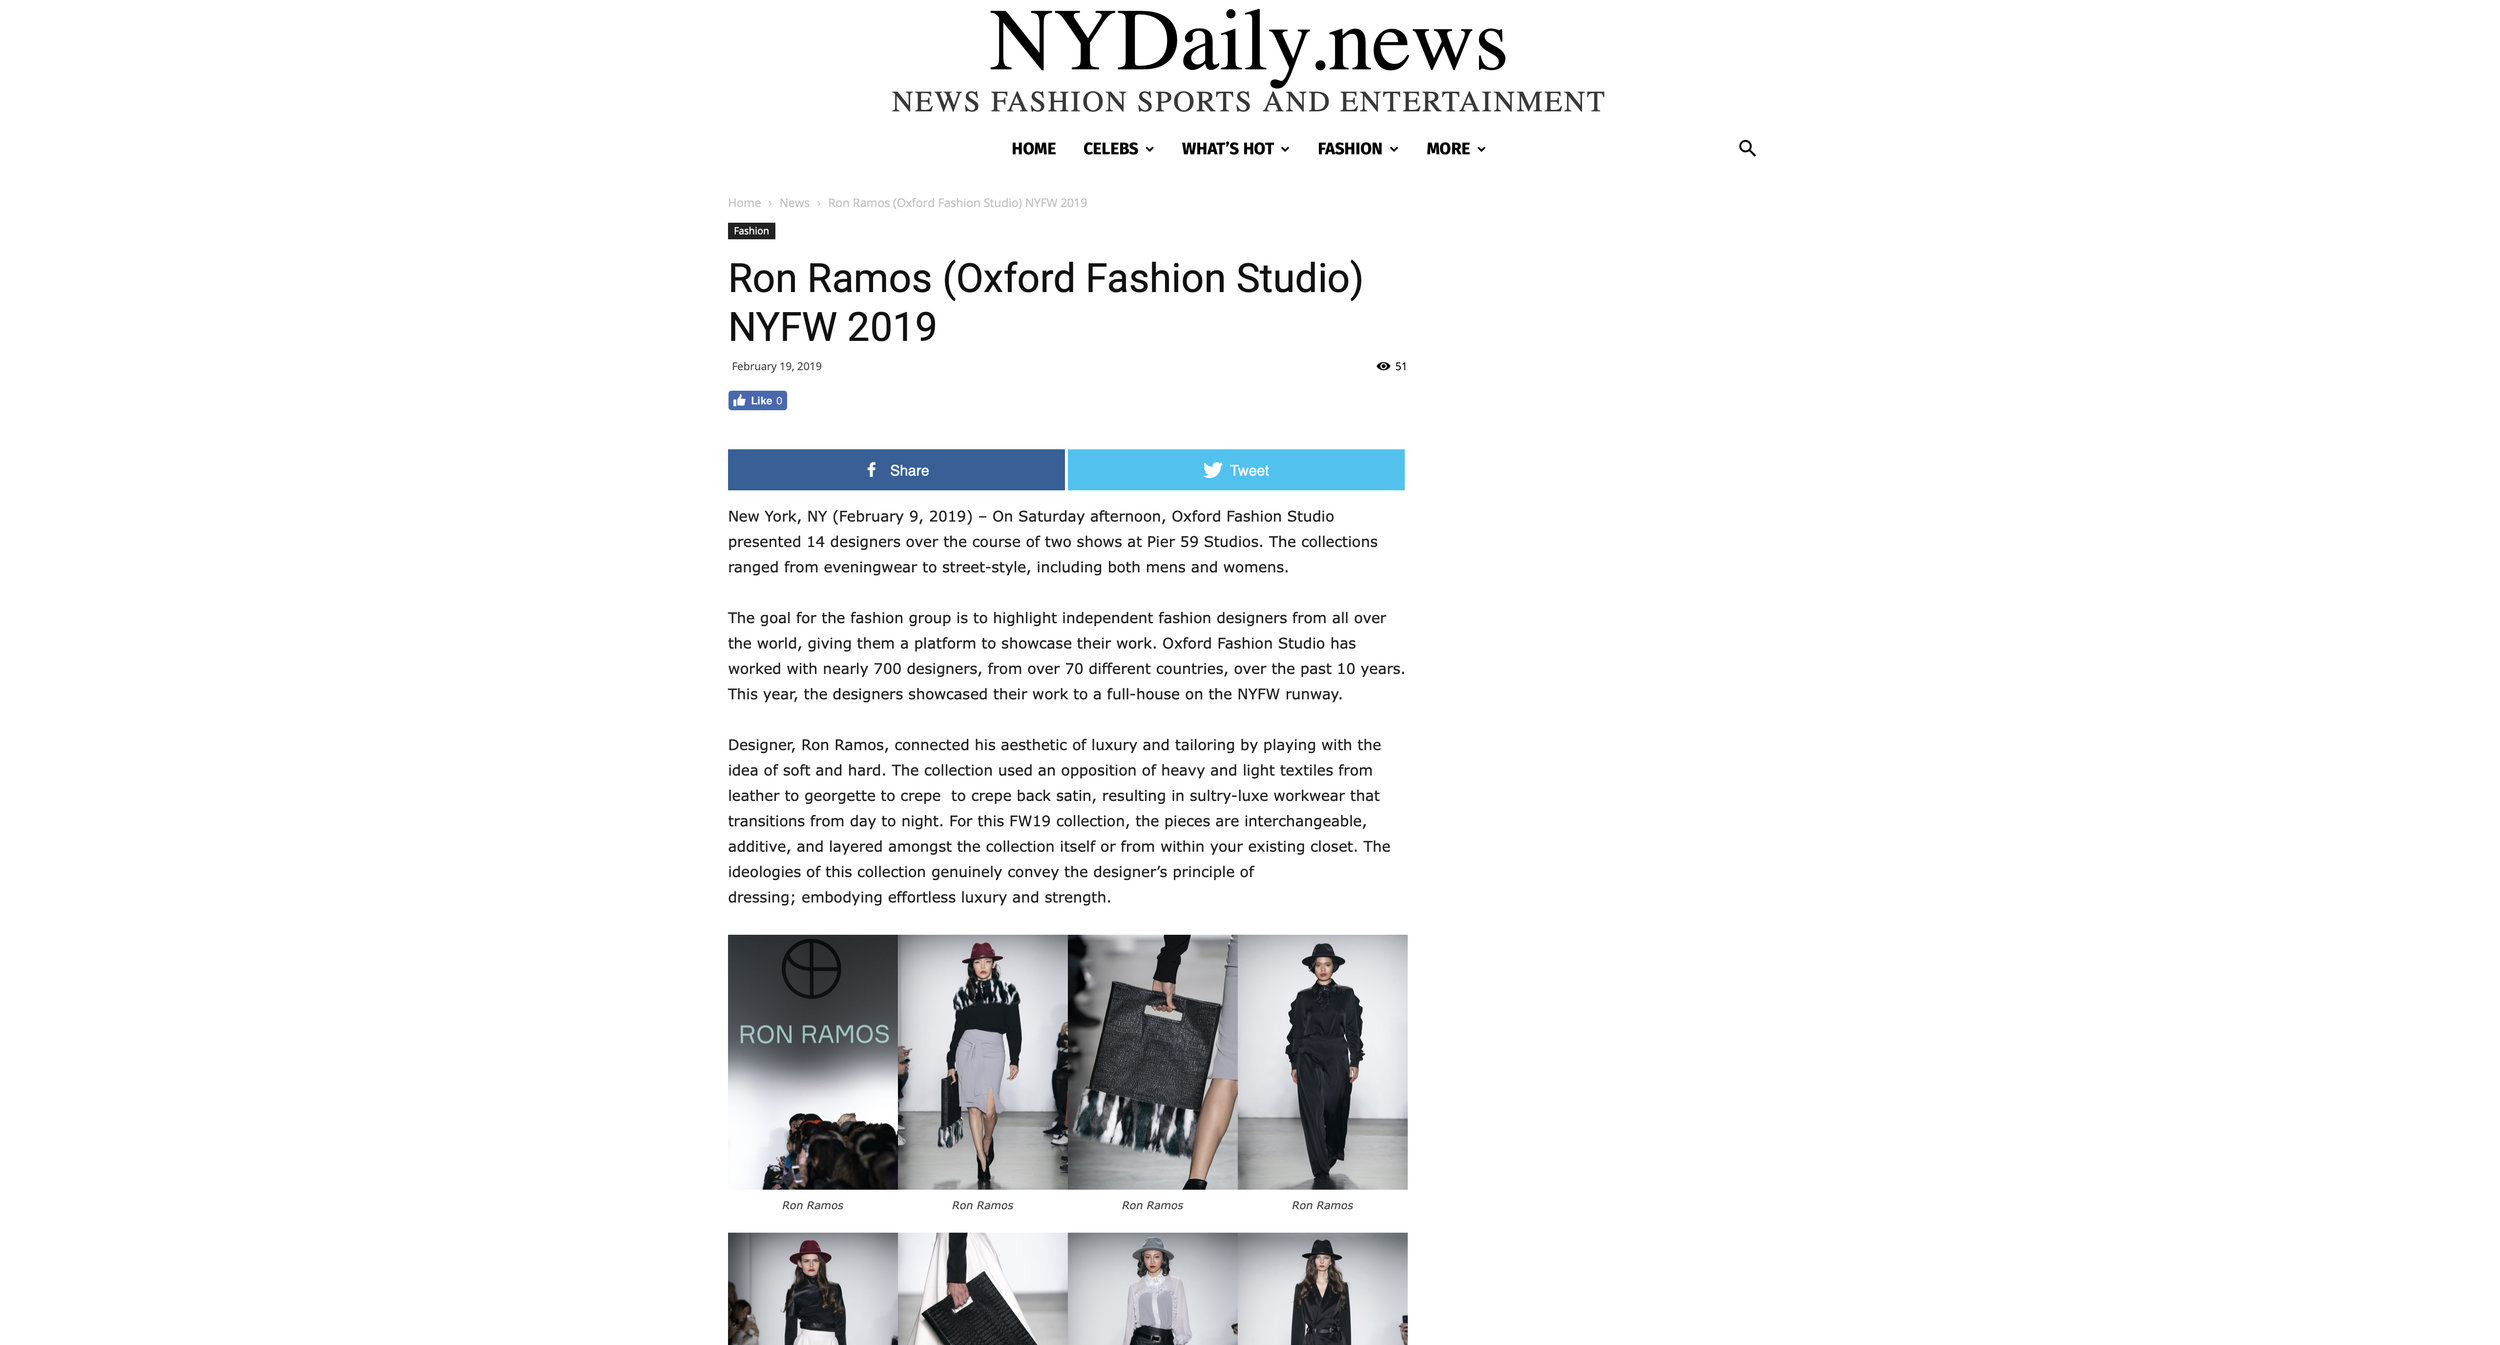 RRNYAW2019_NYDailyNews.jpg